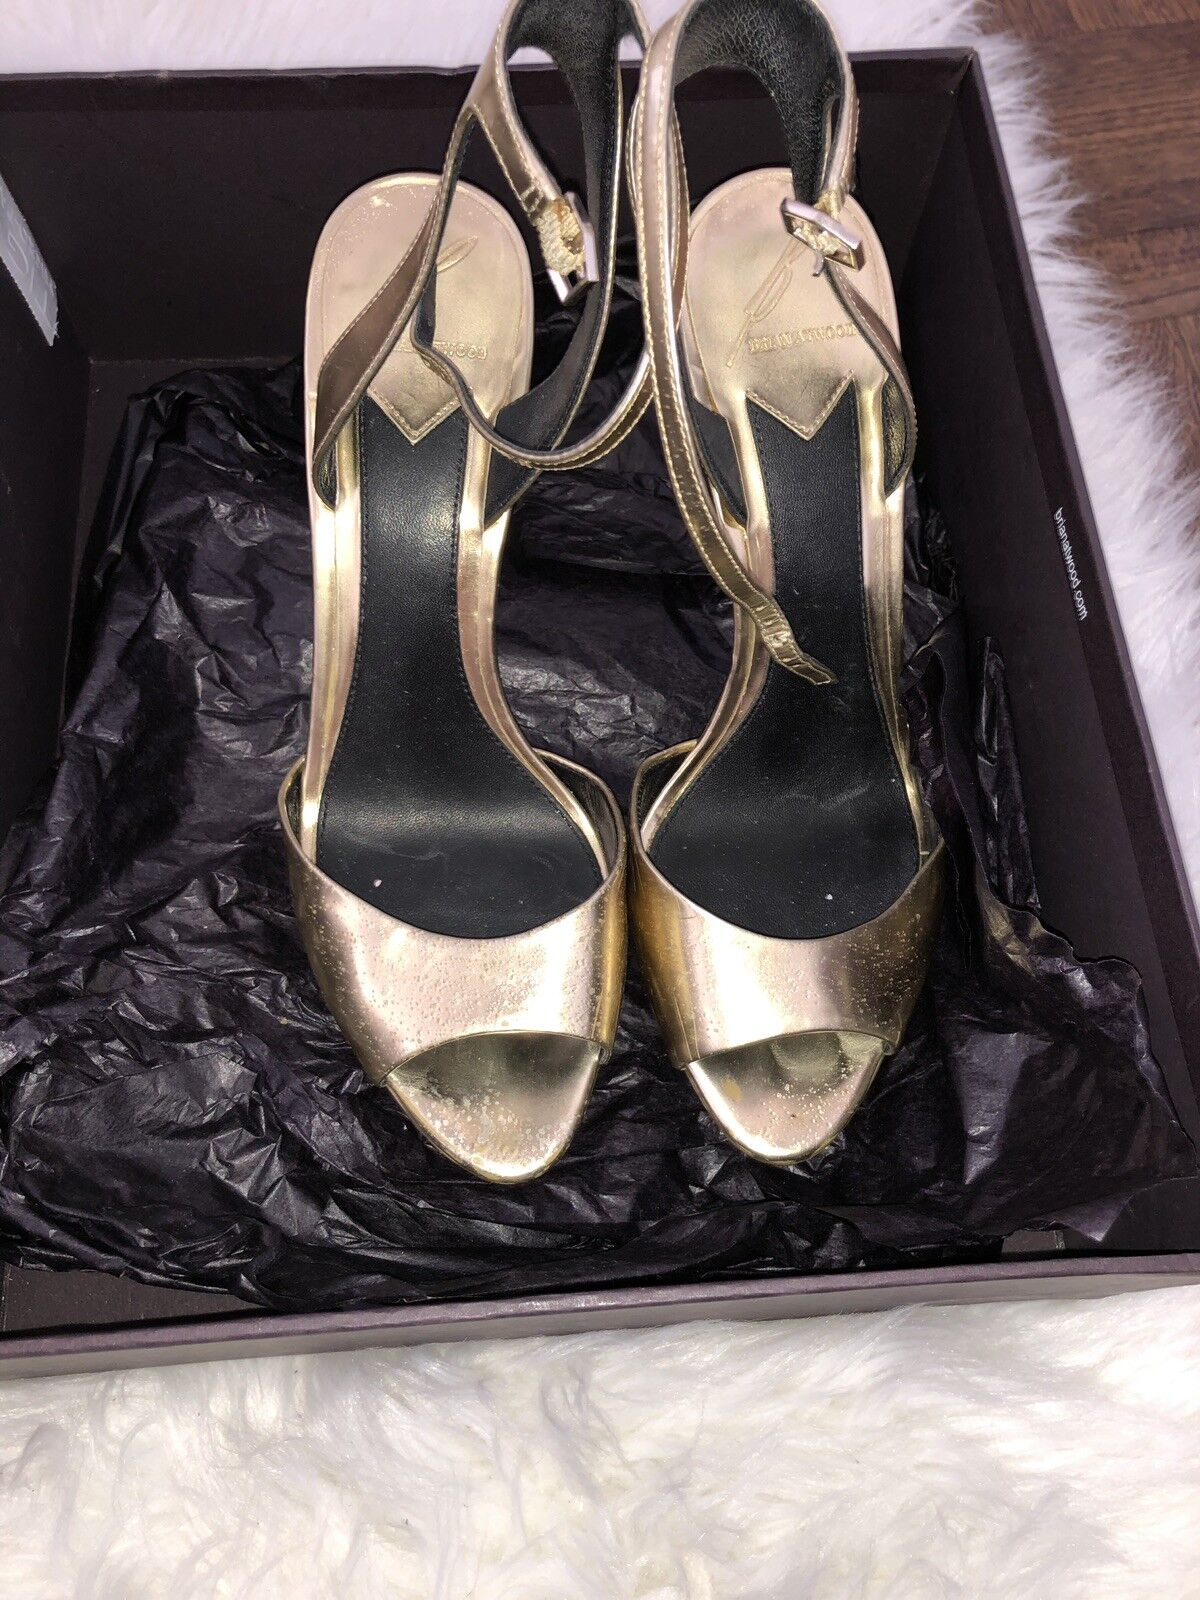 Brian Atwood Femme Fatale  oro Strappy Platform Sandals Dimensione 6.5  fino al 42% di sconto